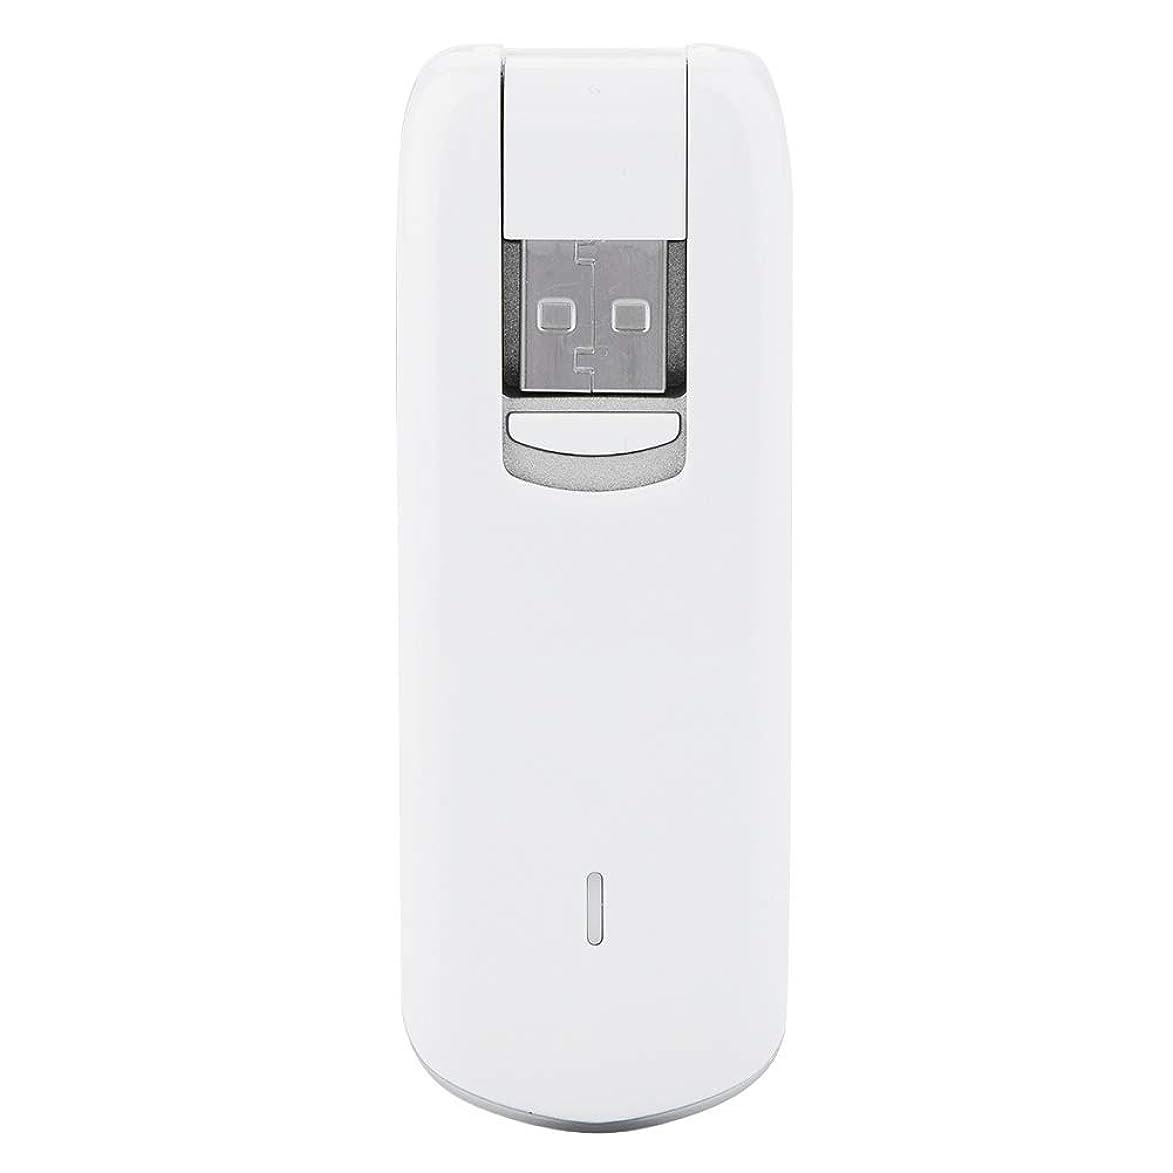 ごちそう倒錯イースター4G USBモデム、112Mbpsデータ伝送4G USBモデム、SIMカードタイプ、32G Micro-SD USBモデムドングル